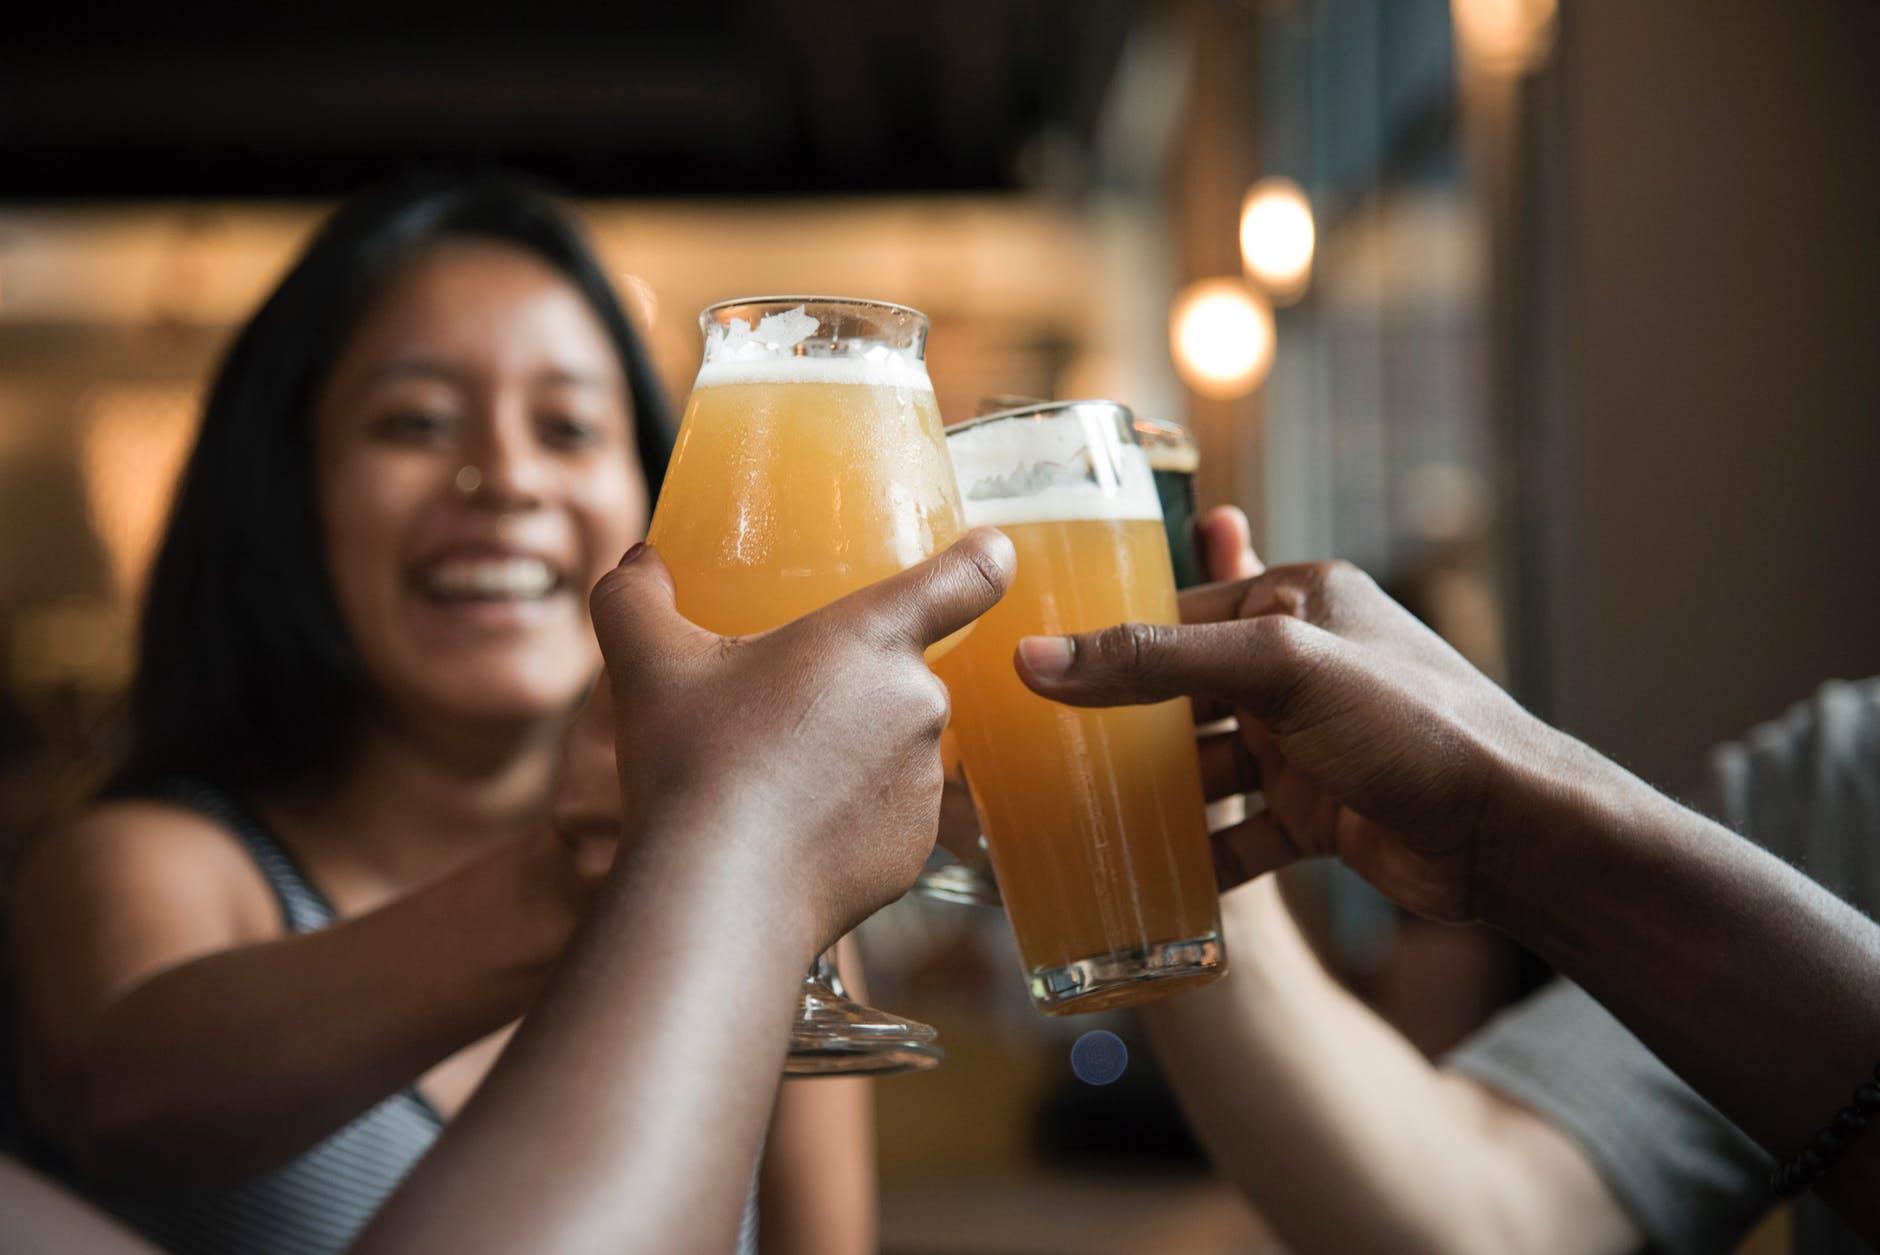 cerveza amigos cabello reunión bar